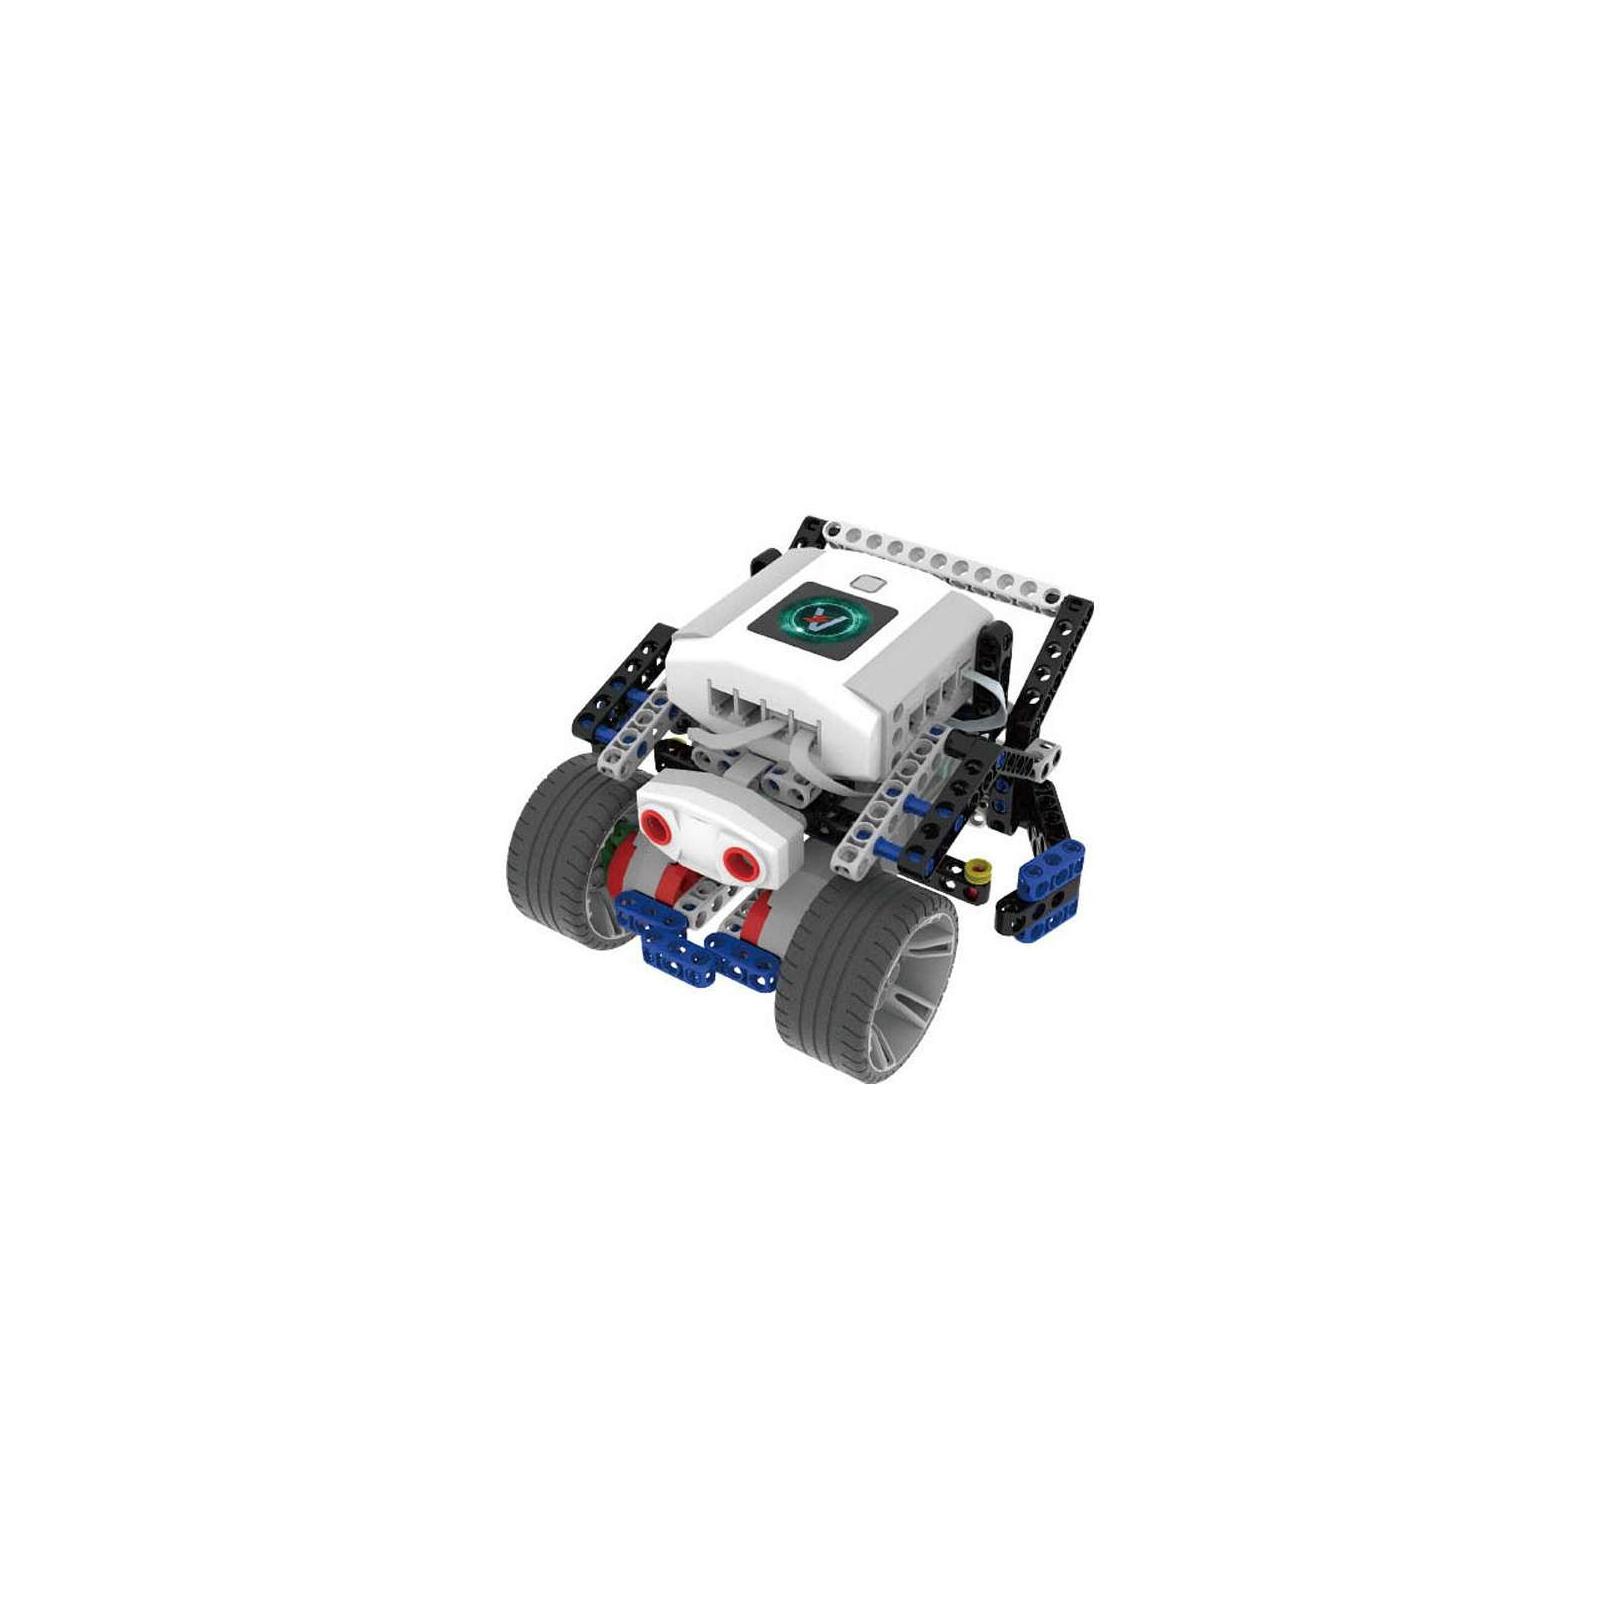 Робот Abilix Krypton 5 (Krypton_5) изображение 2